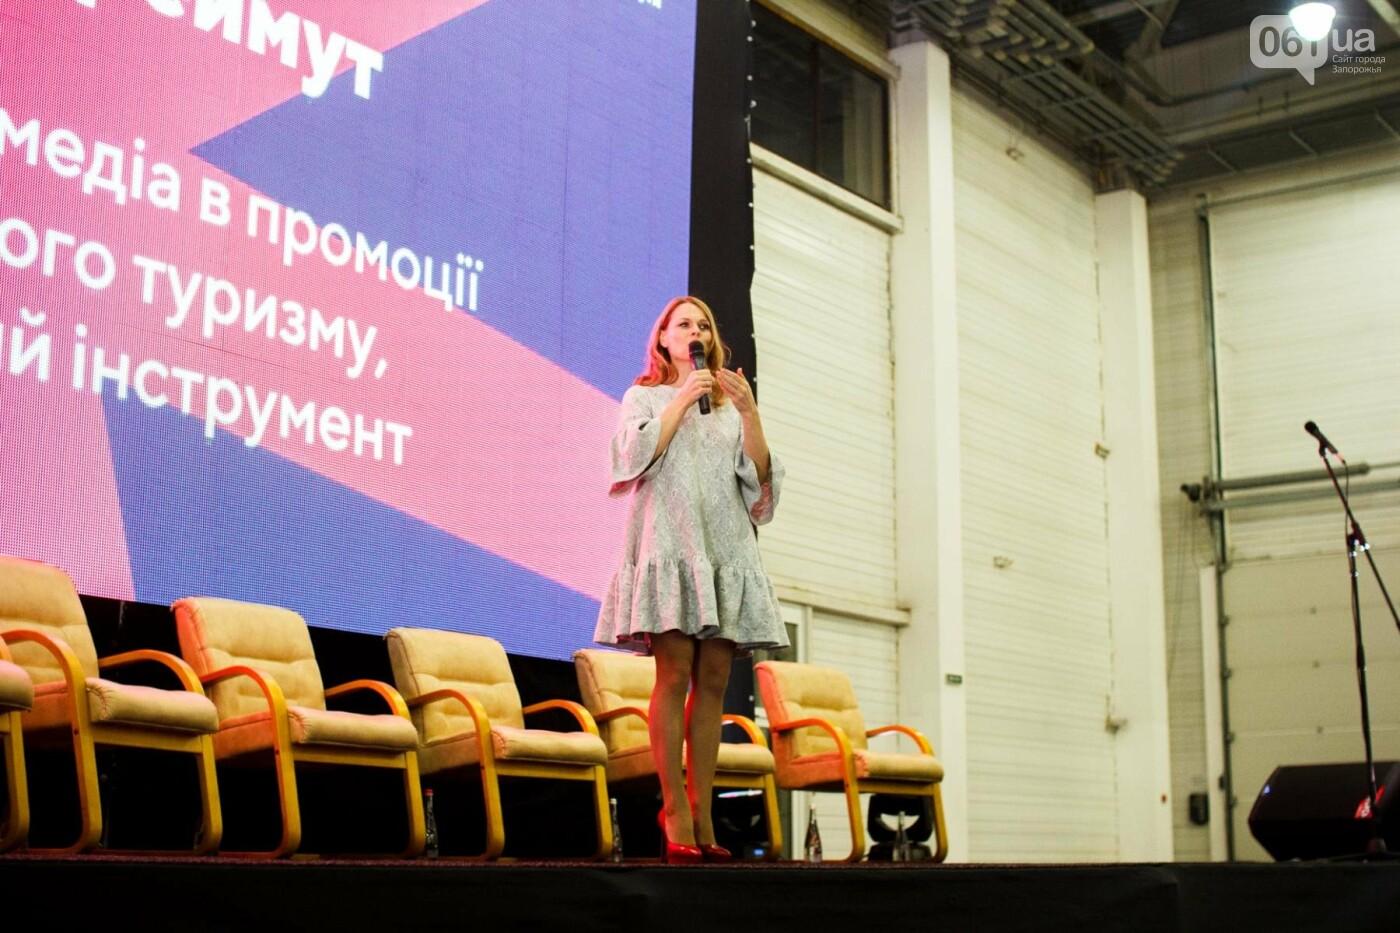 Запорожский Туристический Форум посетила телеведущая Ольга Фреймут, - ФОТОРЕПОРТАЖ, фото-15